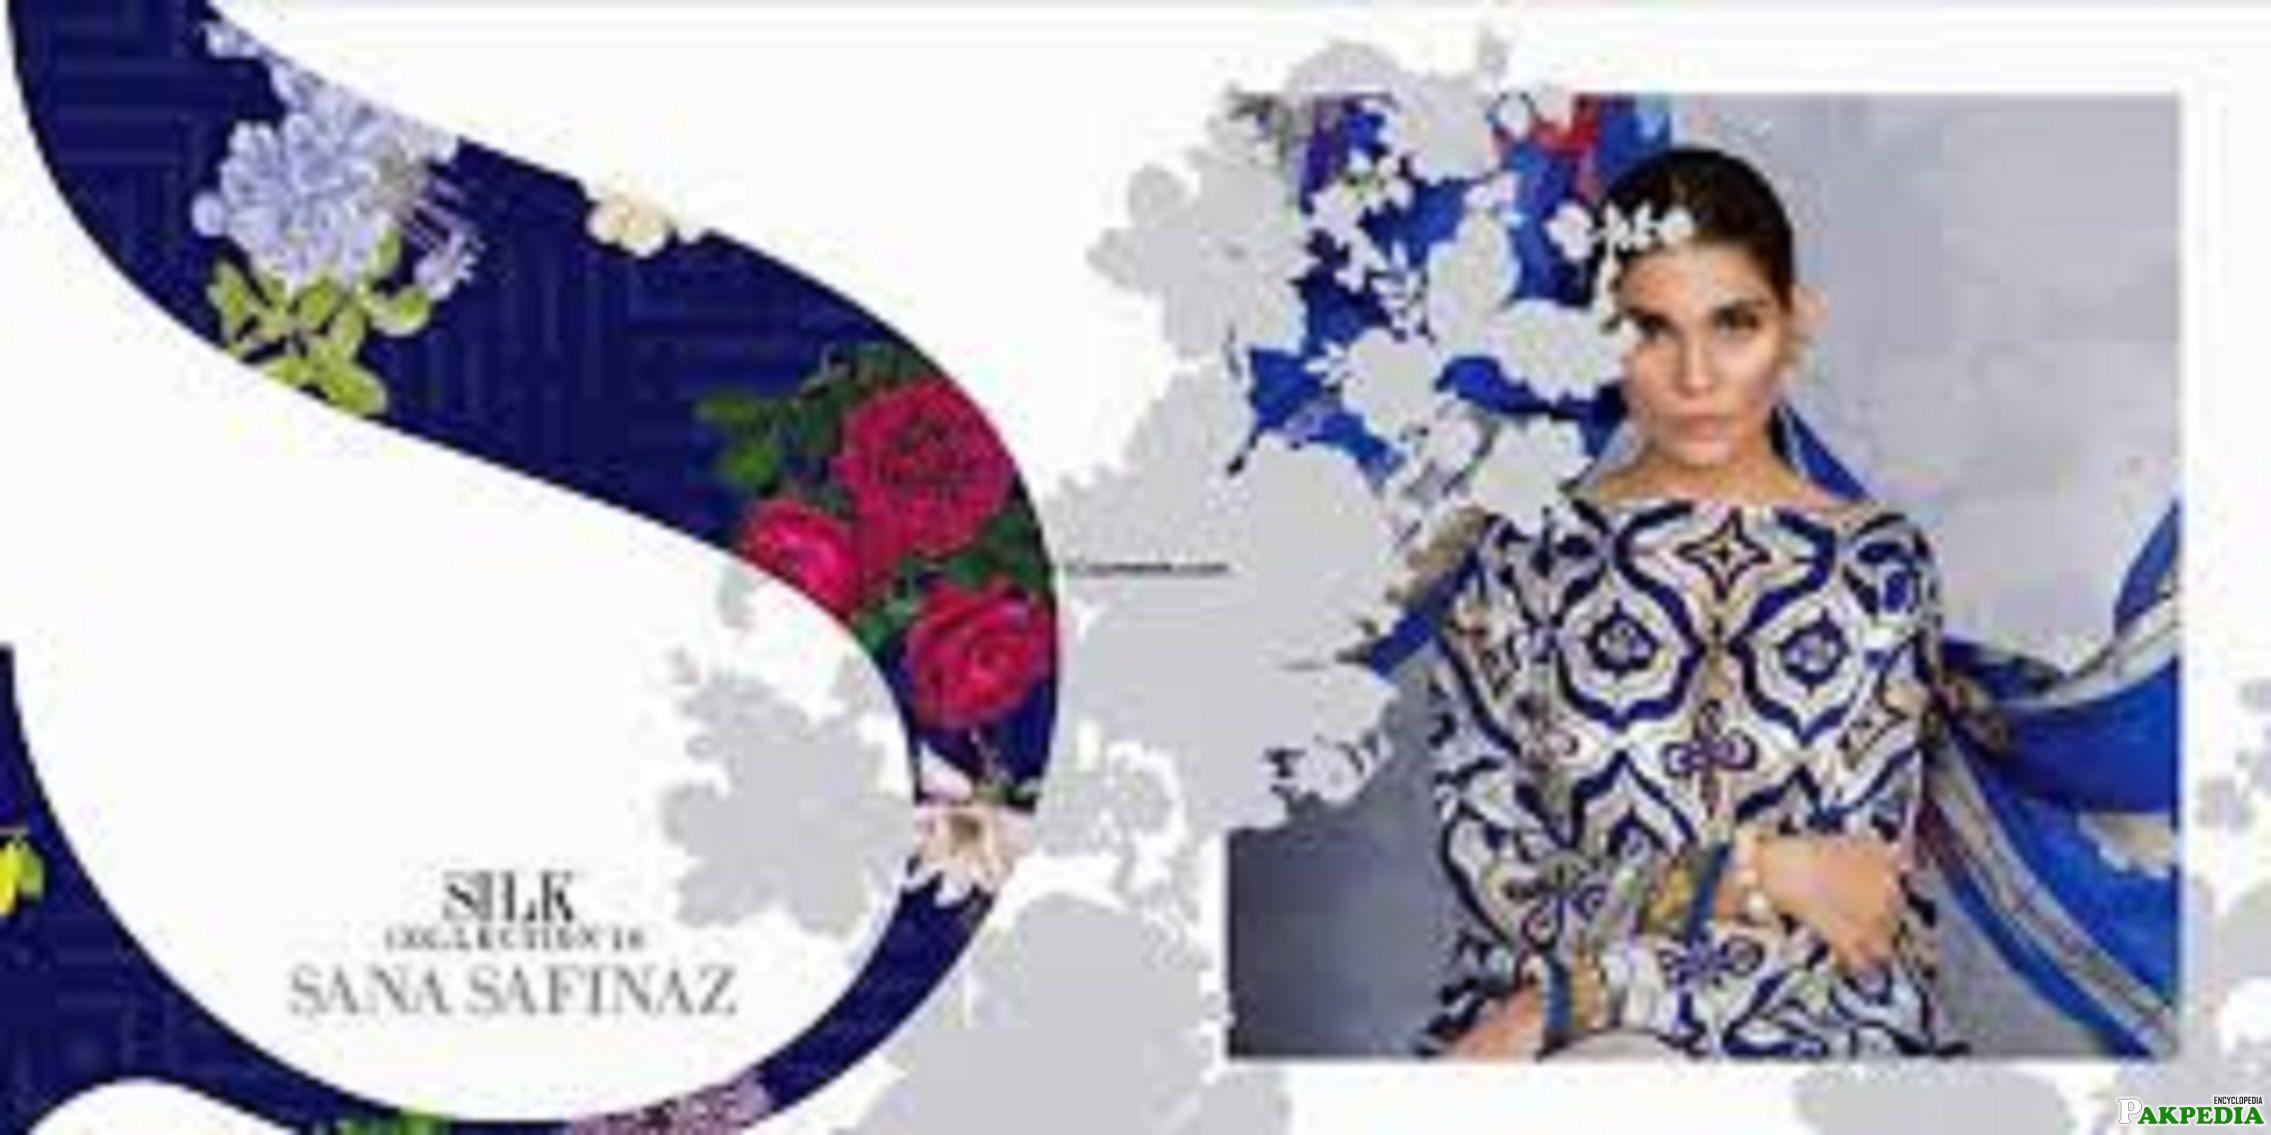 Sana Safinaz Pakistan Brand